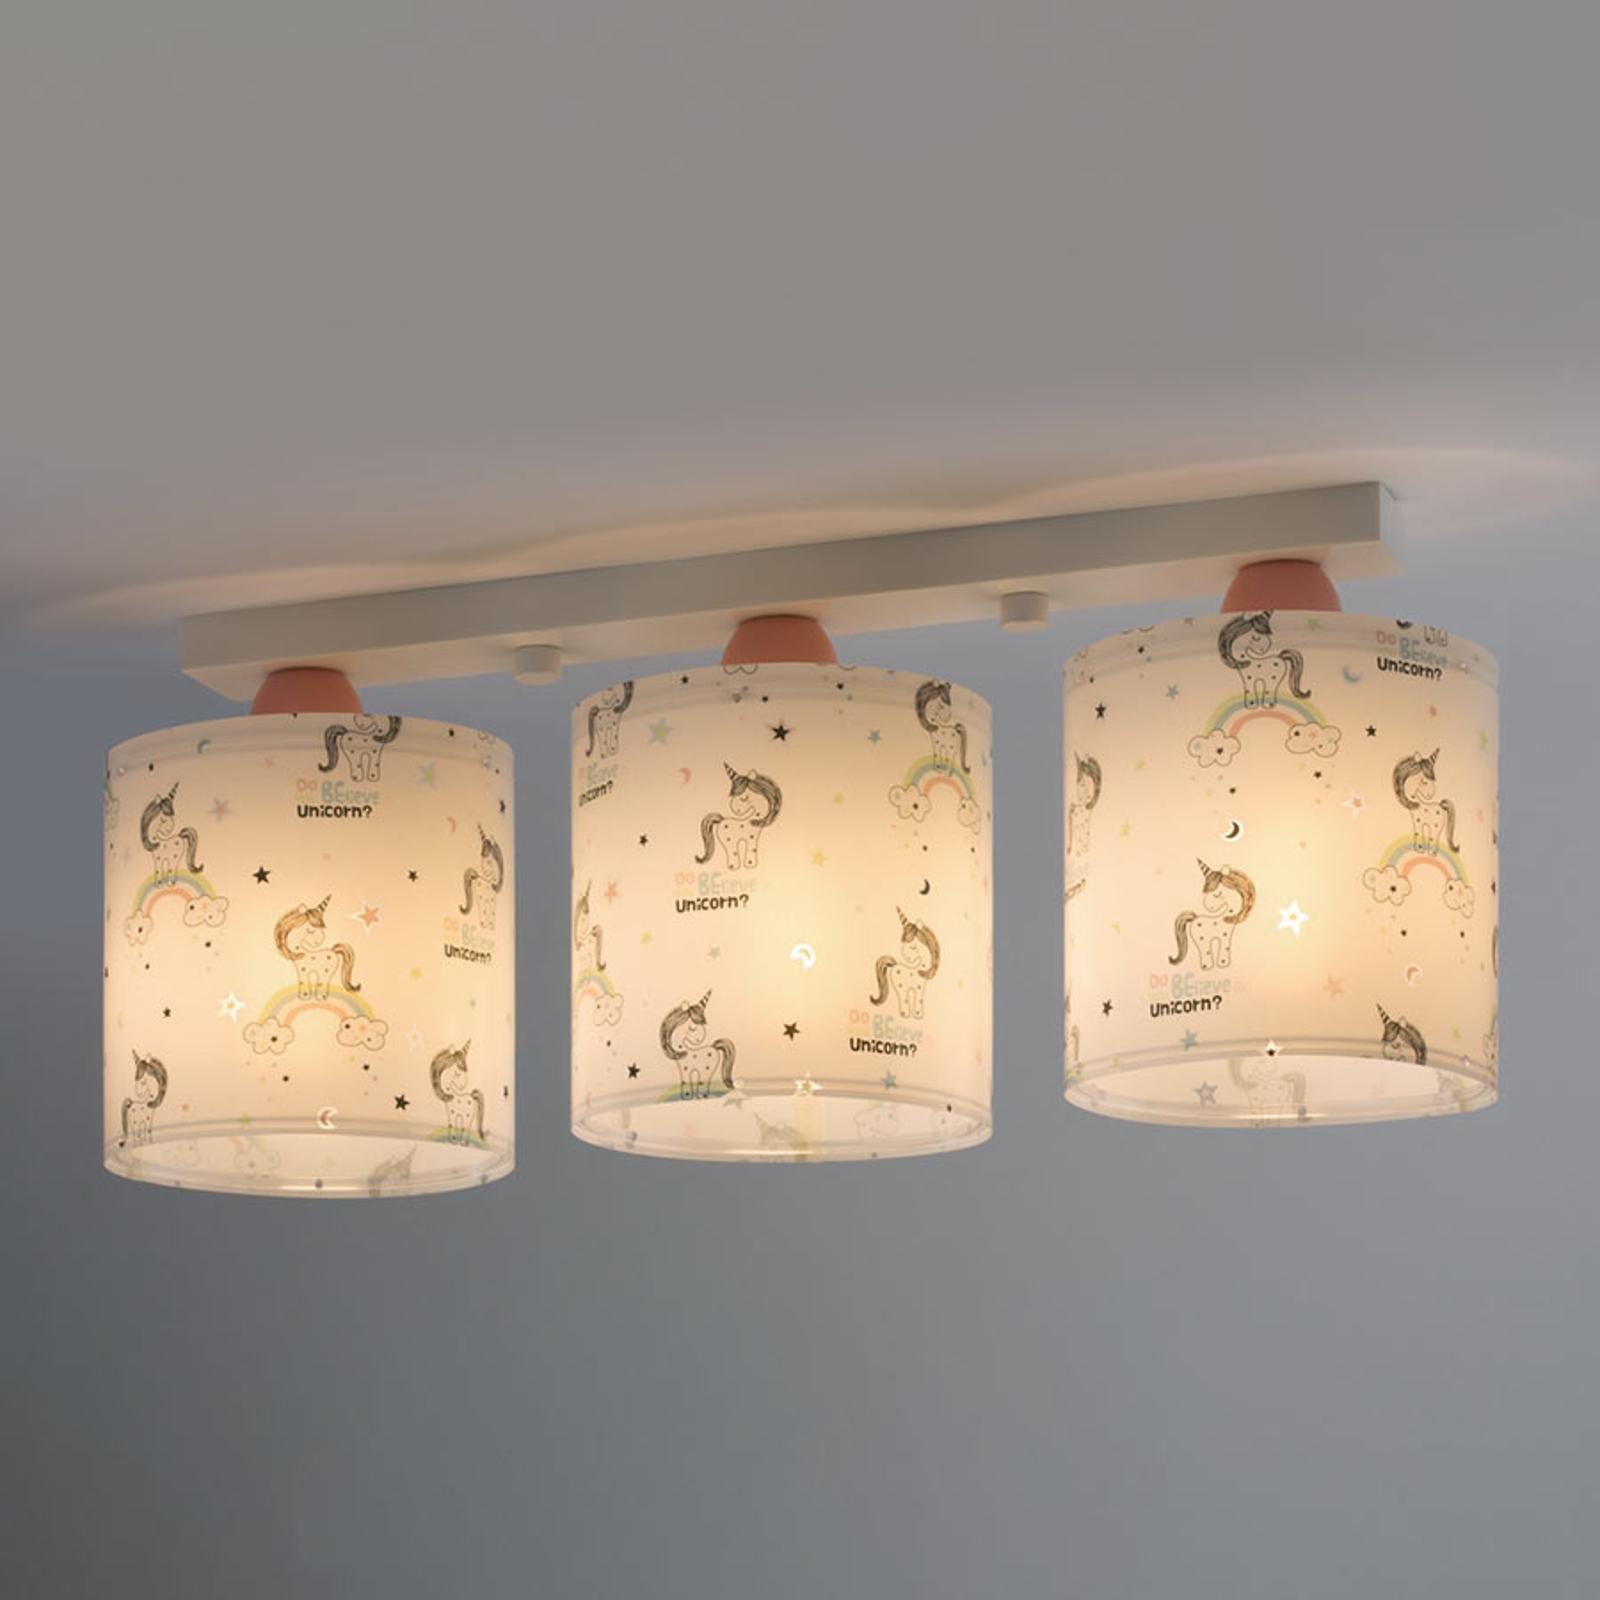 Plafondlamp Unicorns 3-lamps